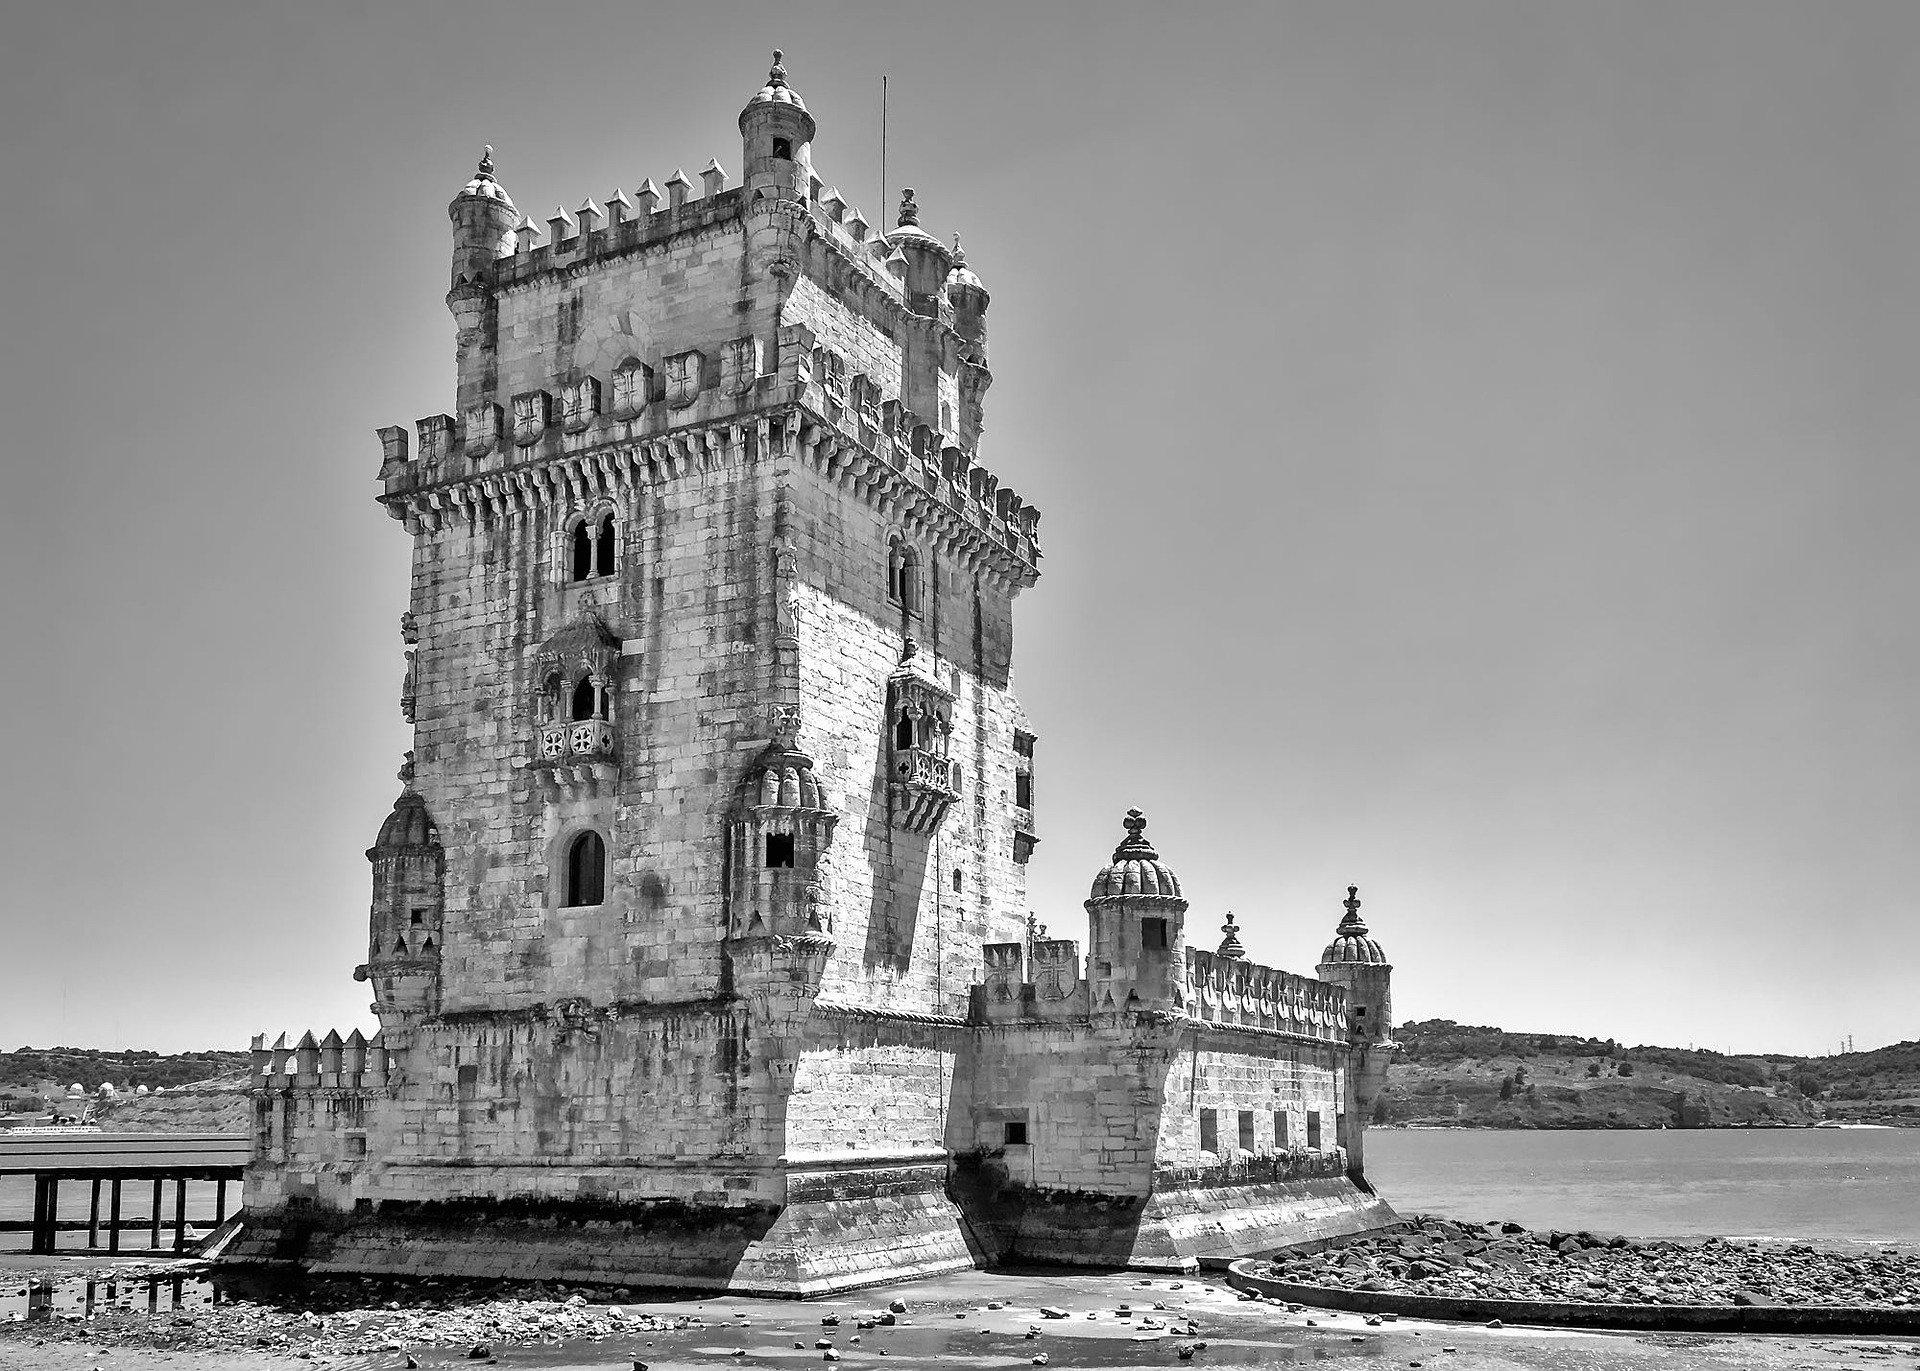 torre-de-belem-2467371_1920